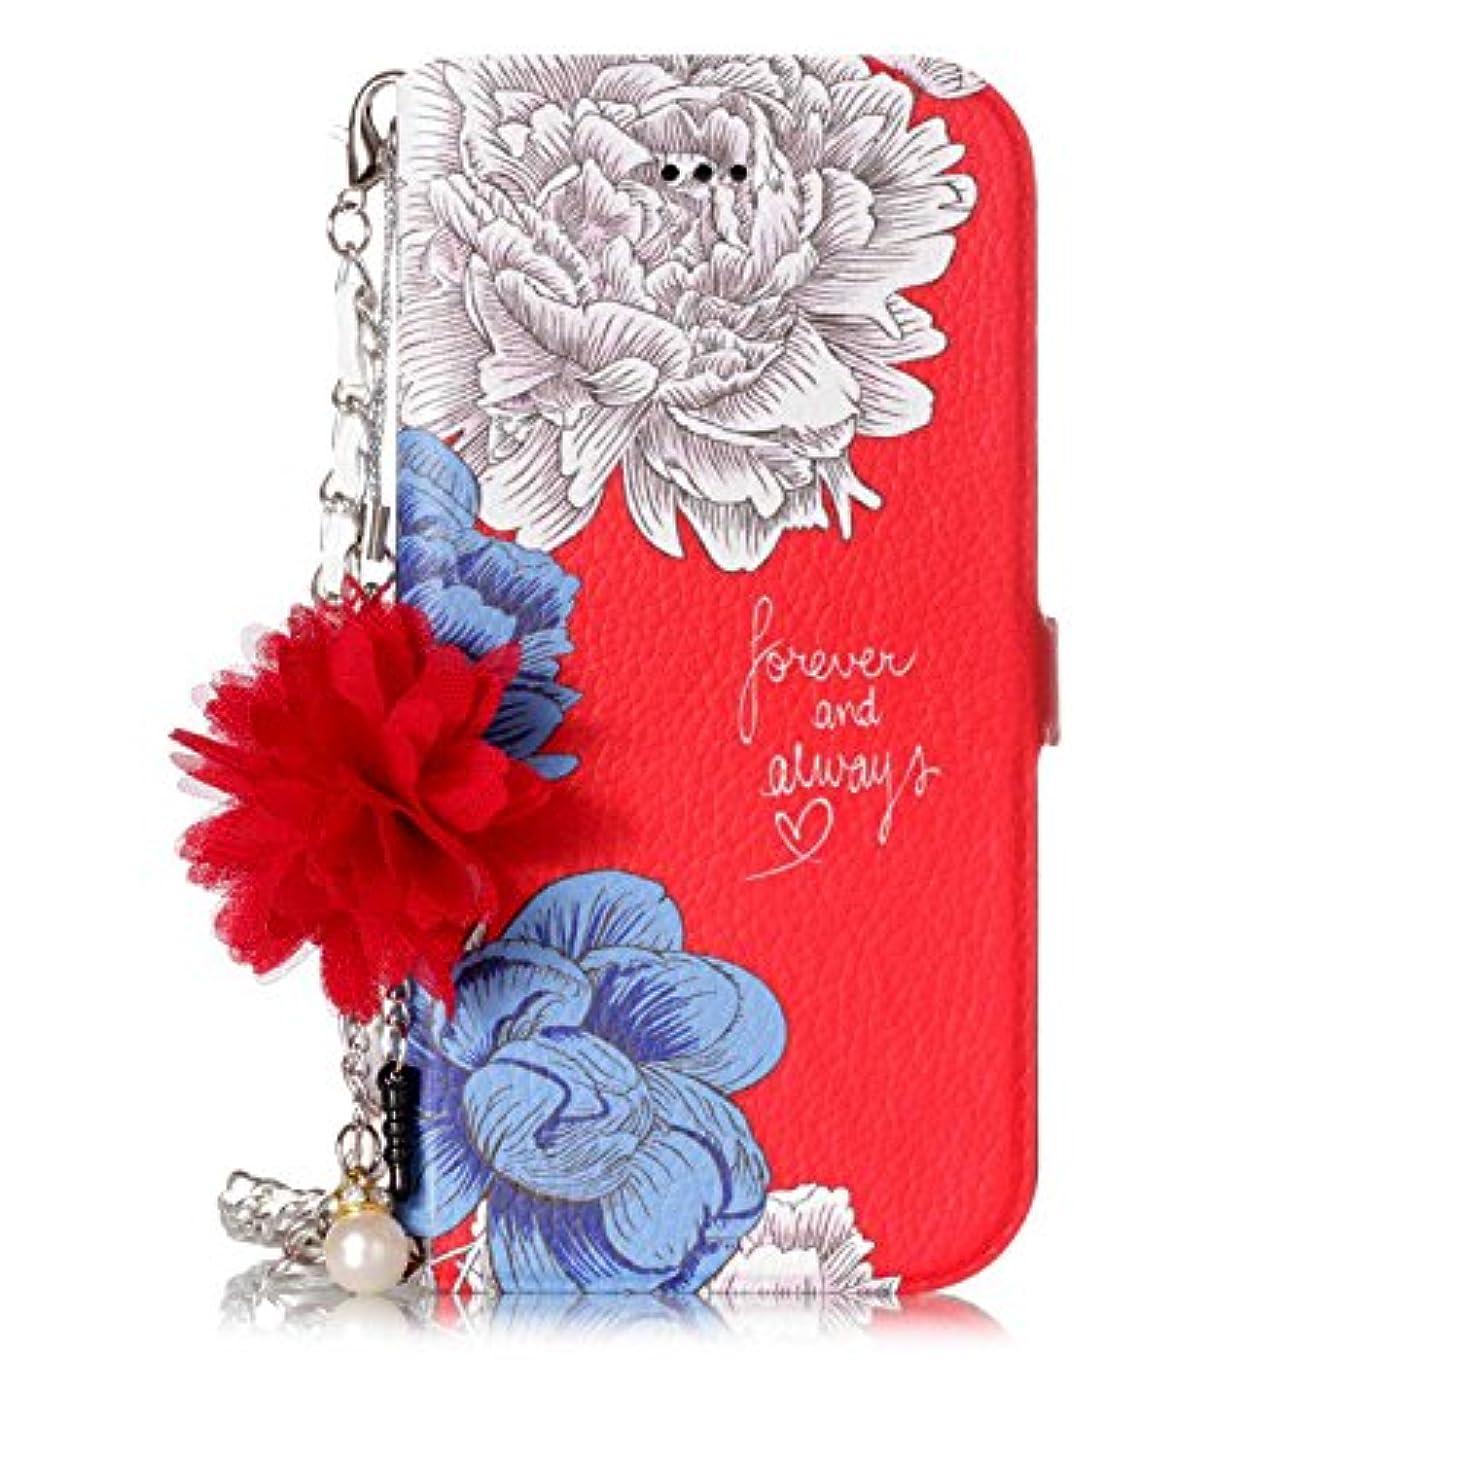 厚いフィドル不安OMATENTI iPhone 7 / iPhone 8 ケース, 簡約風 軽量 PU レザー 財布型 カバー ケース, こがら 花柄 人気 かわいい レディース用 ケース ザー カード収納 スタンド 機能 マグネット,...